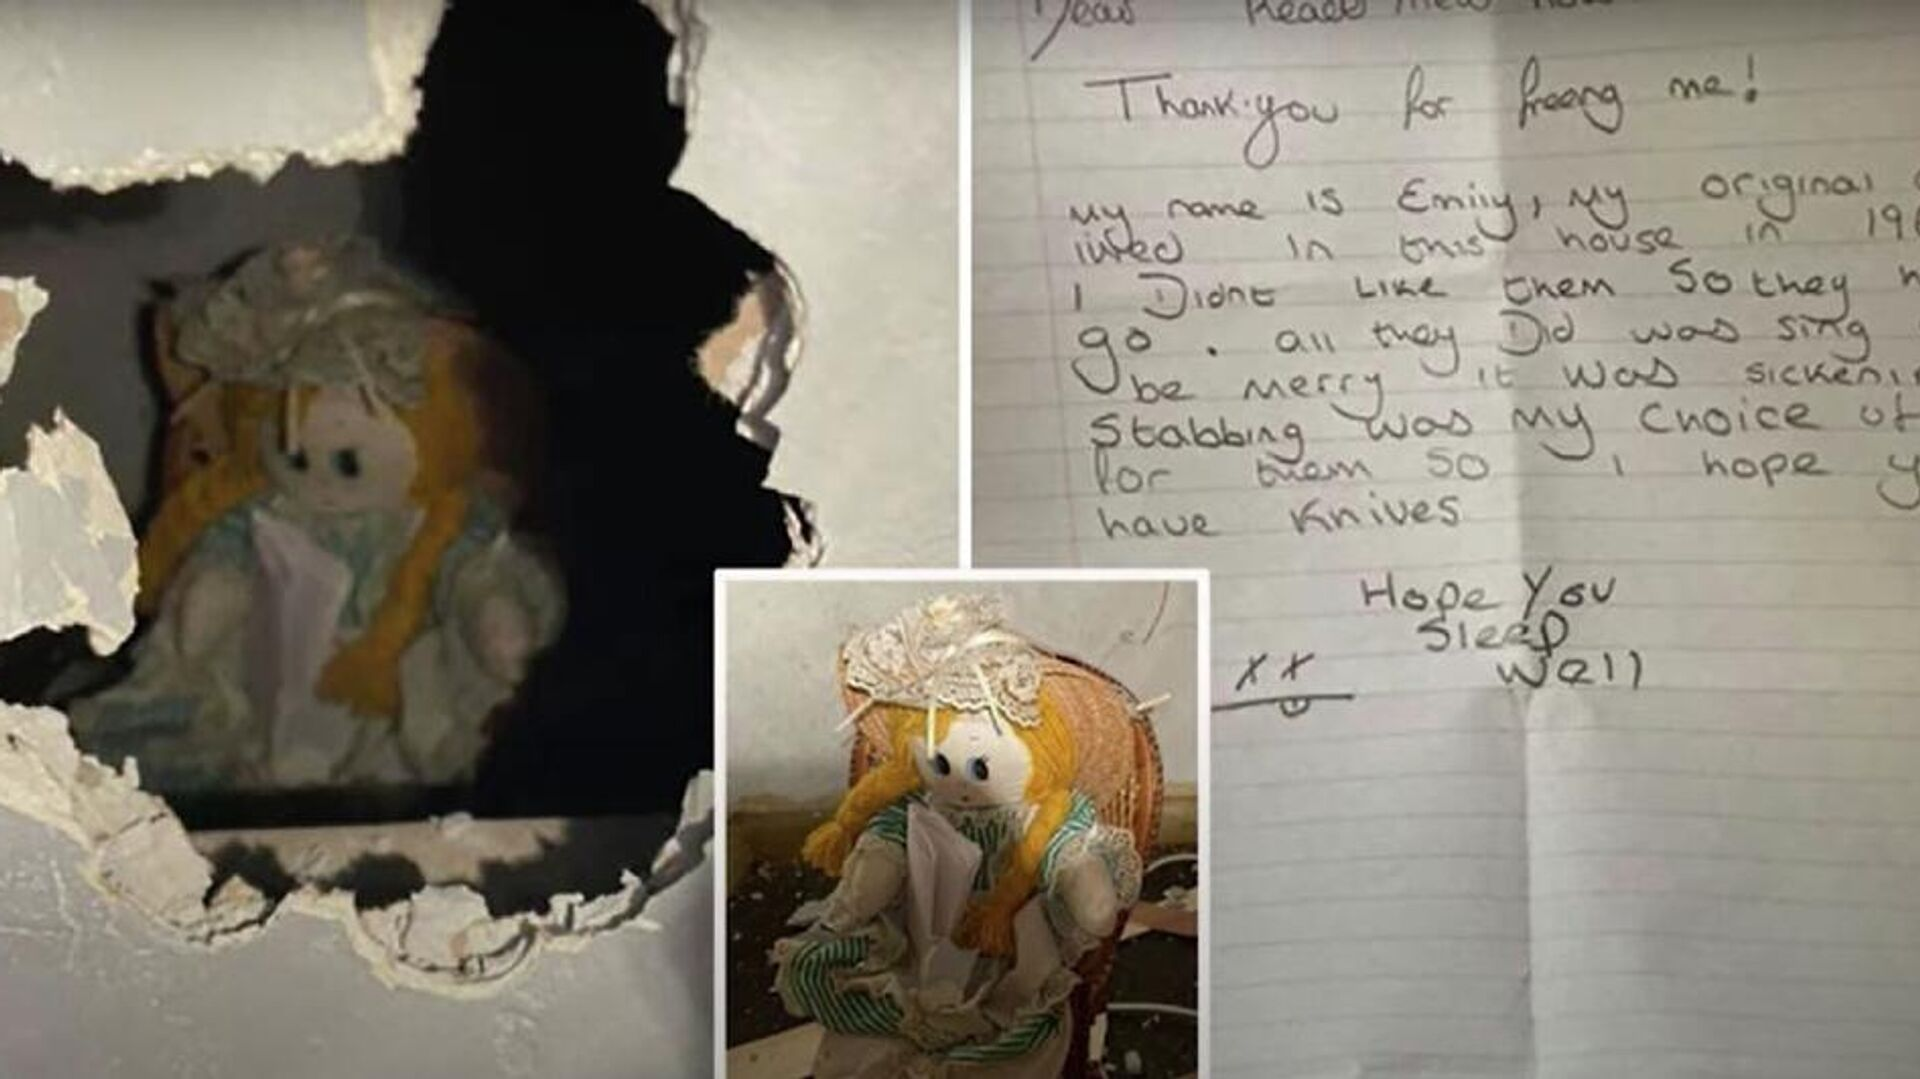 Καινούριος ιδιοκτήτης σπιτιού βρήκε σε τοίχο ανατριχιαστική κούκλα και σημείωμα δολοφονίας - Sputnik Ελλάδα, 1920, 22.09.2021